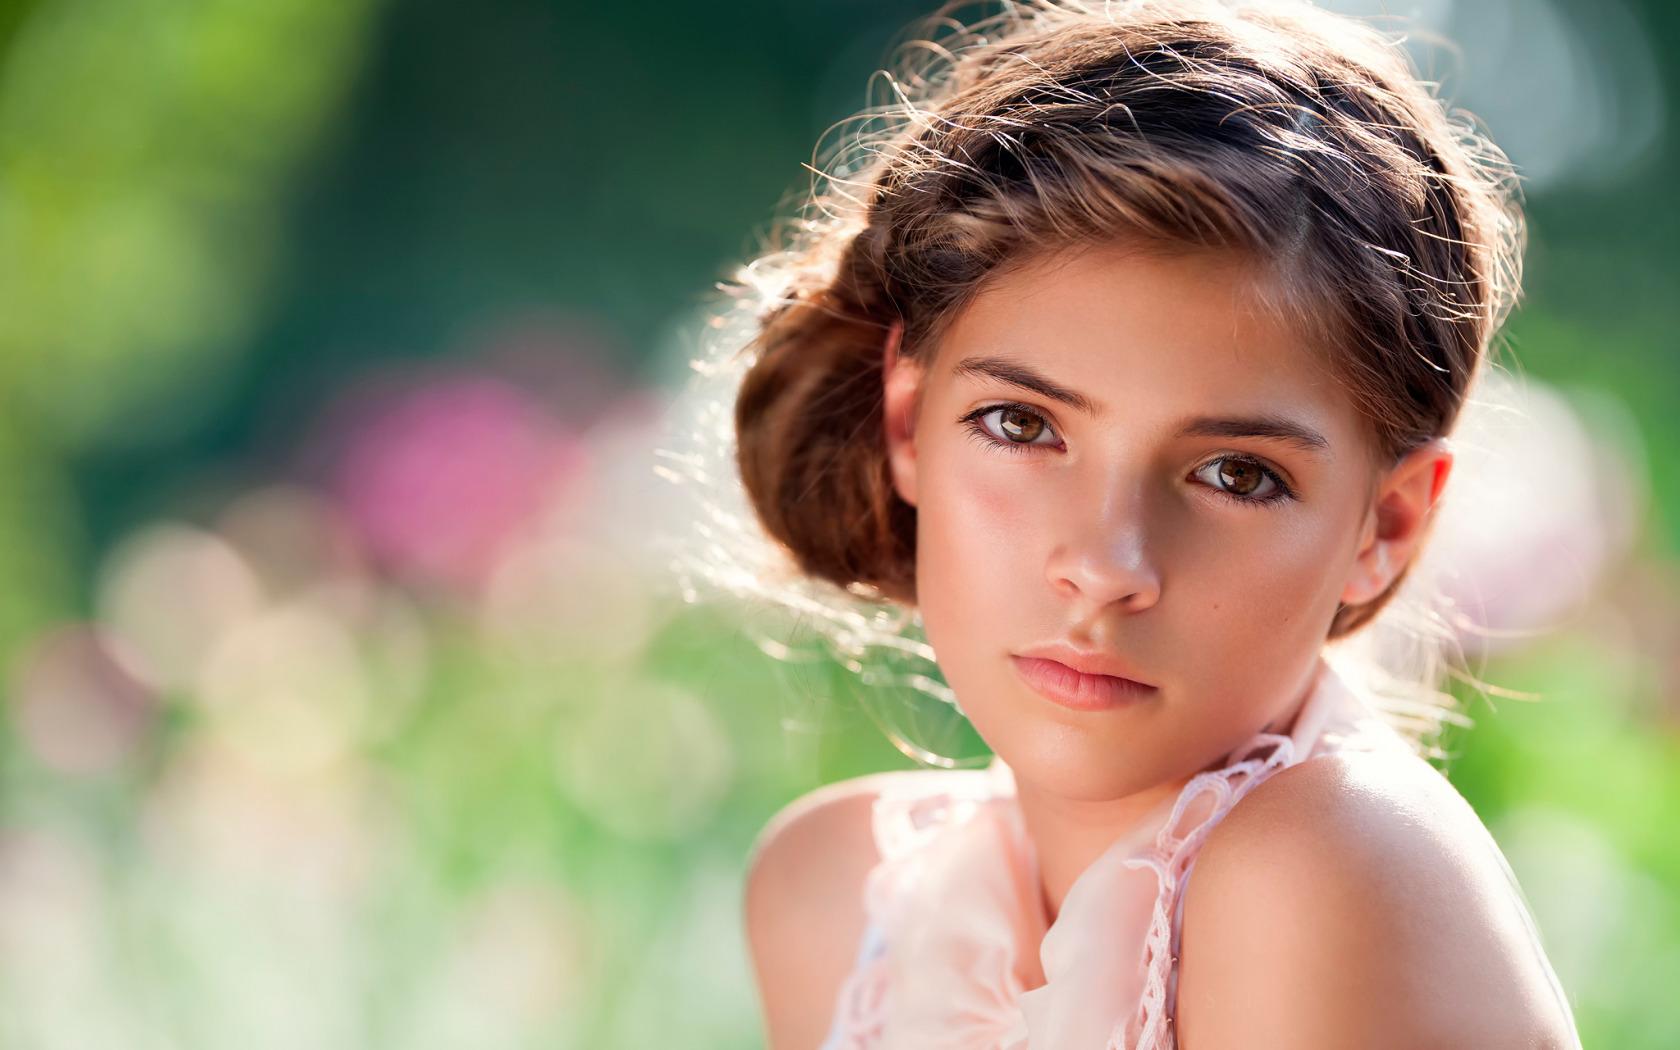 Молодая красивая девчонка